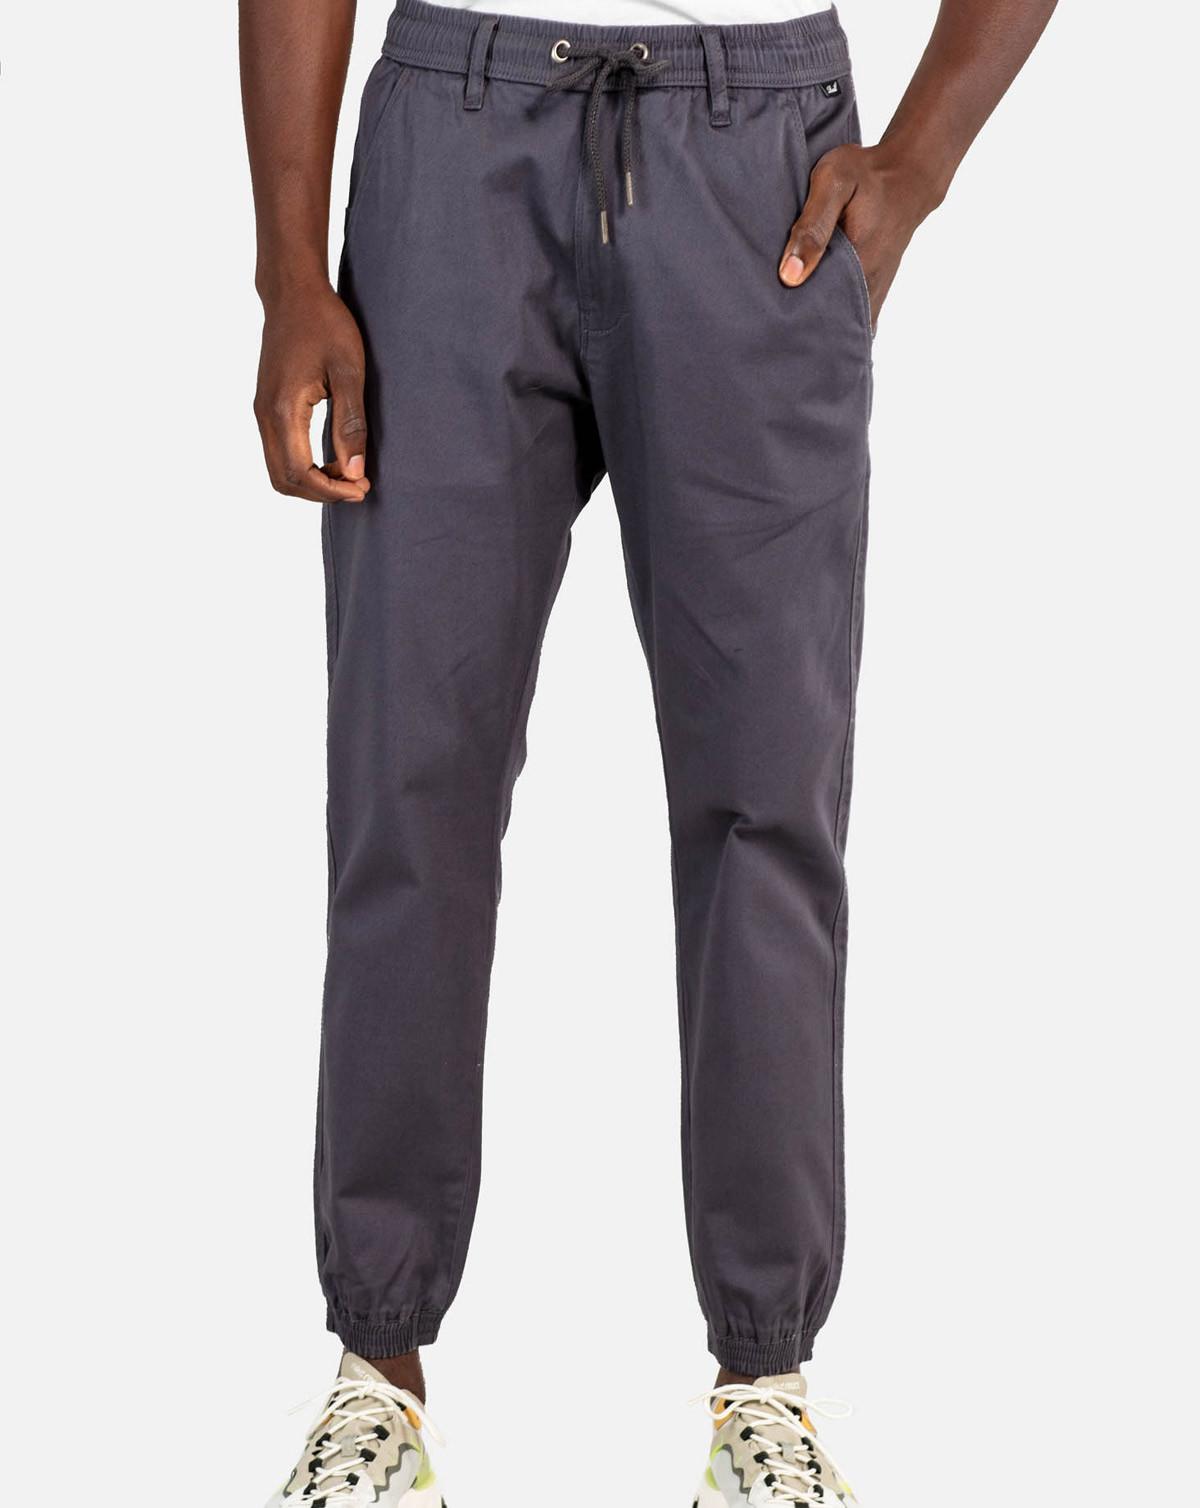 Reell Jeans Reflex 2 (Dark Grey, W36 / L34)